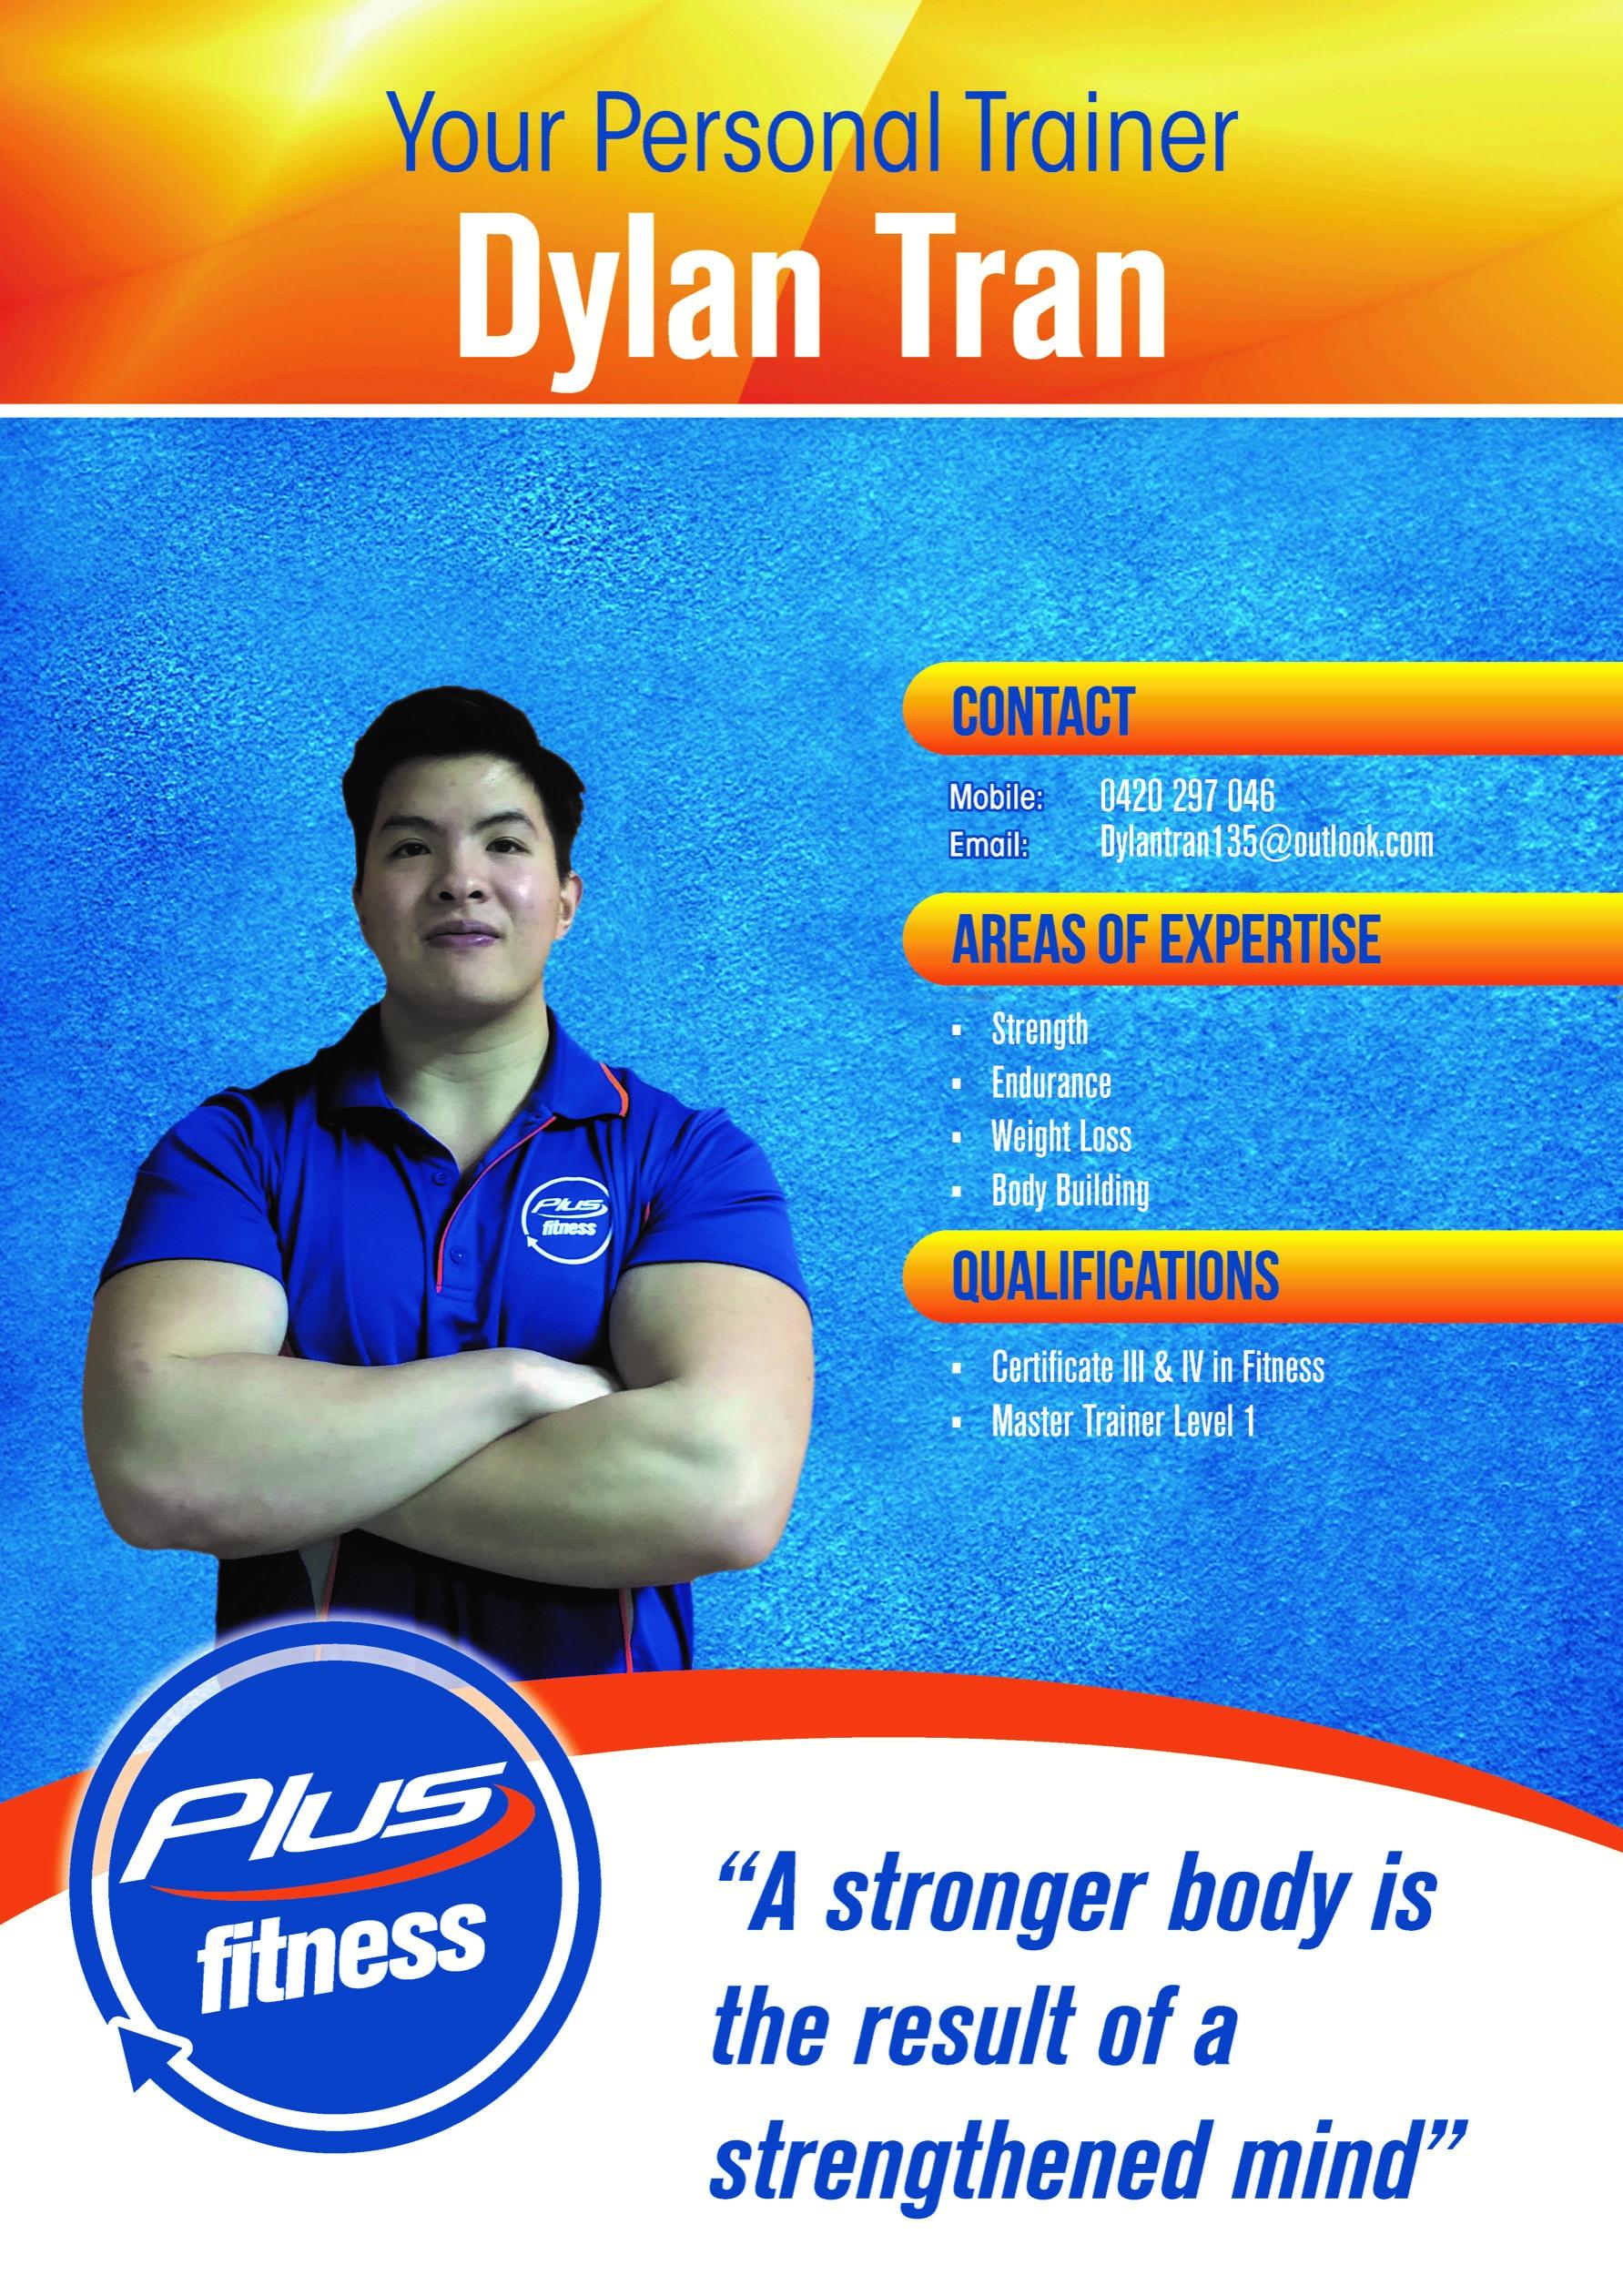 Dylan Tran